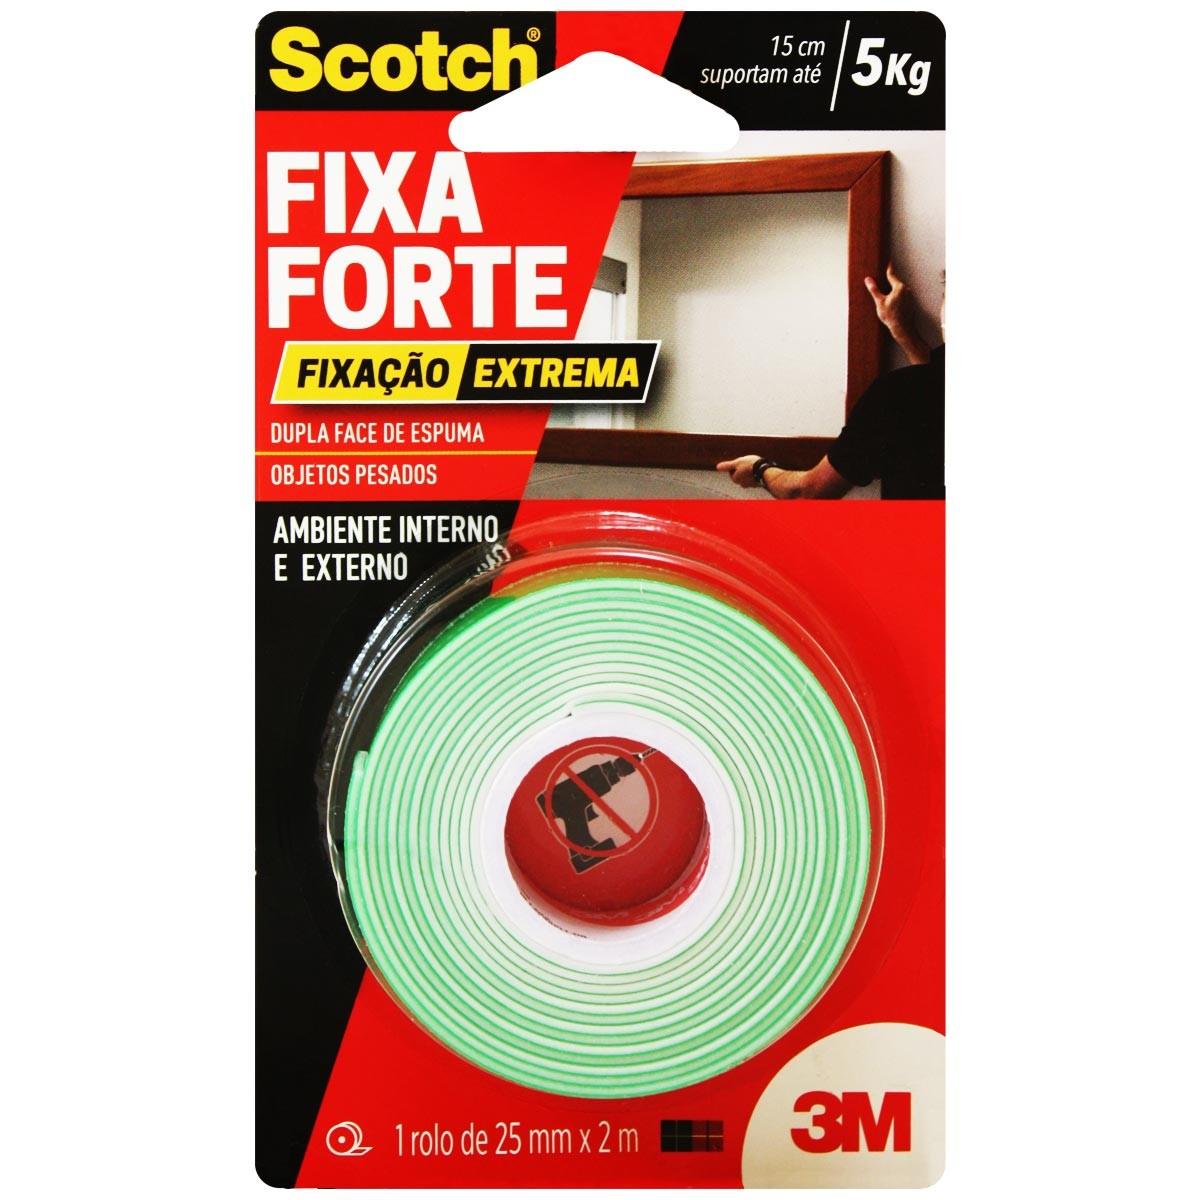 Fita Fixa Forte Extreme 24x2m 3m